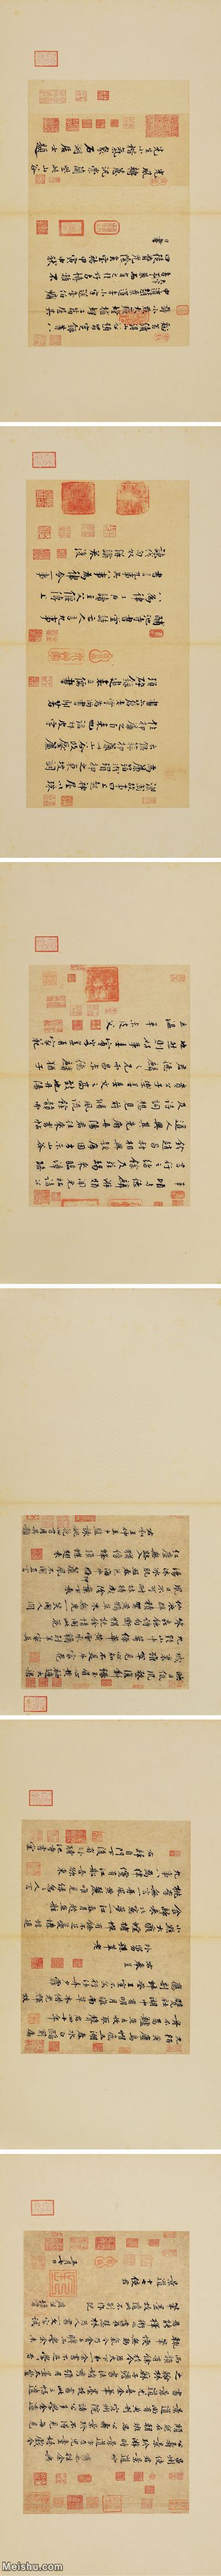 【打印级】SF6031239书法长卷宋-黄庭坚致景道十七使君尺牍纸本图片-65M-16384X1407.jpg